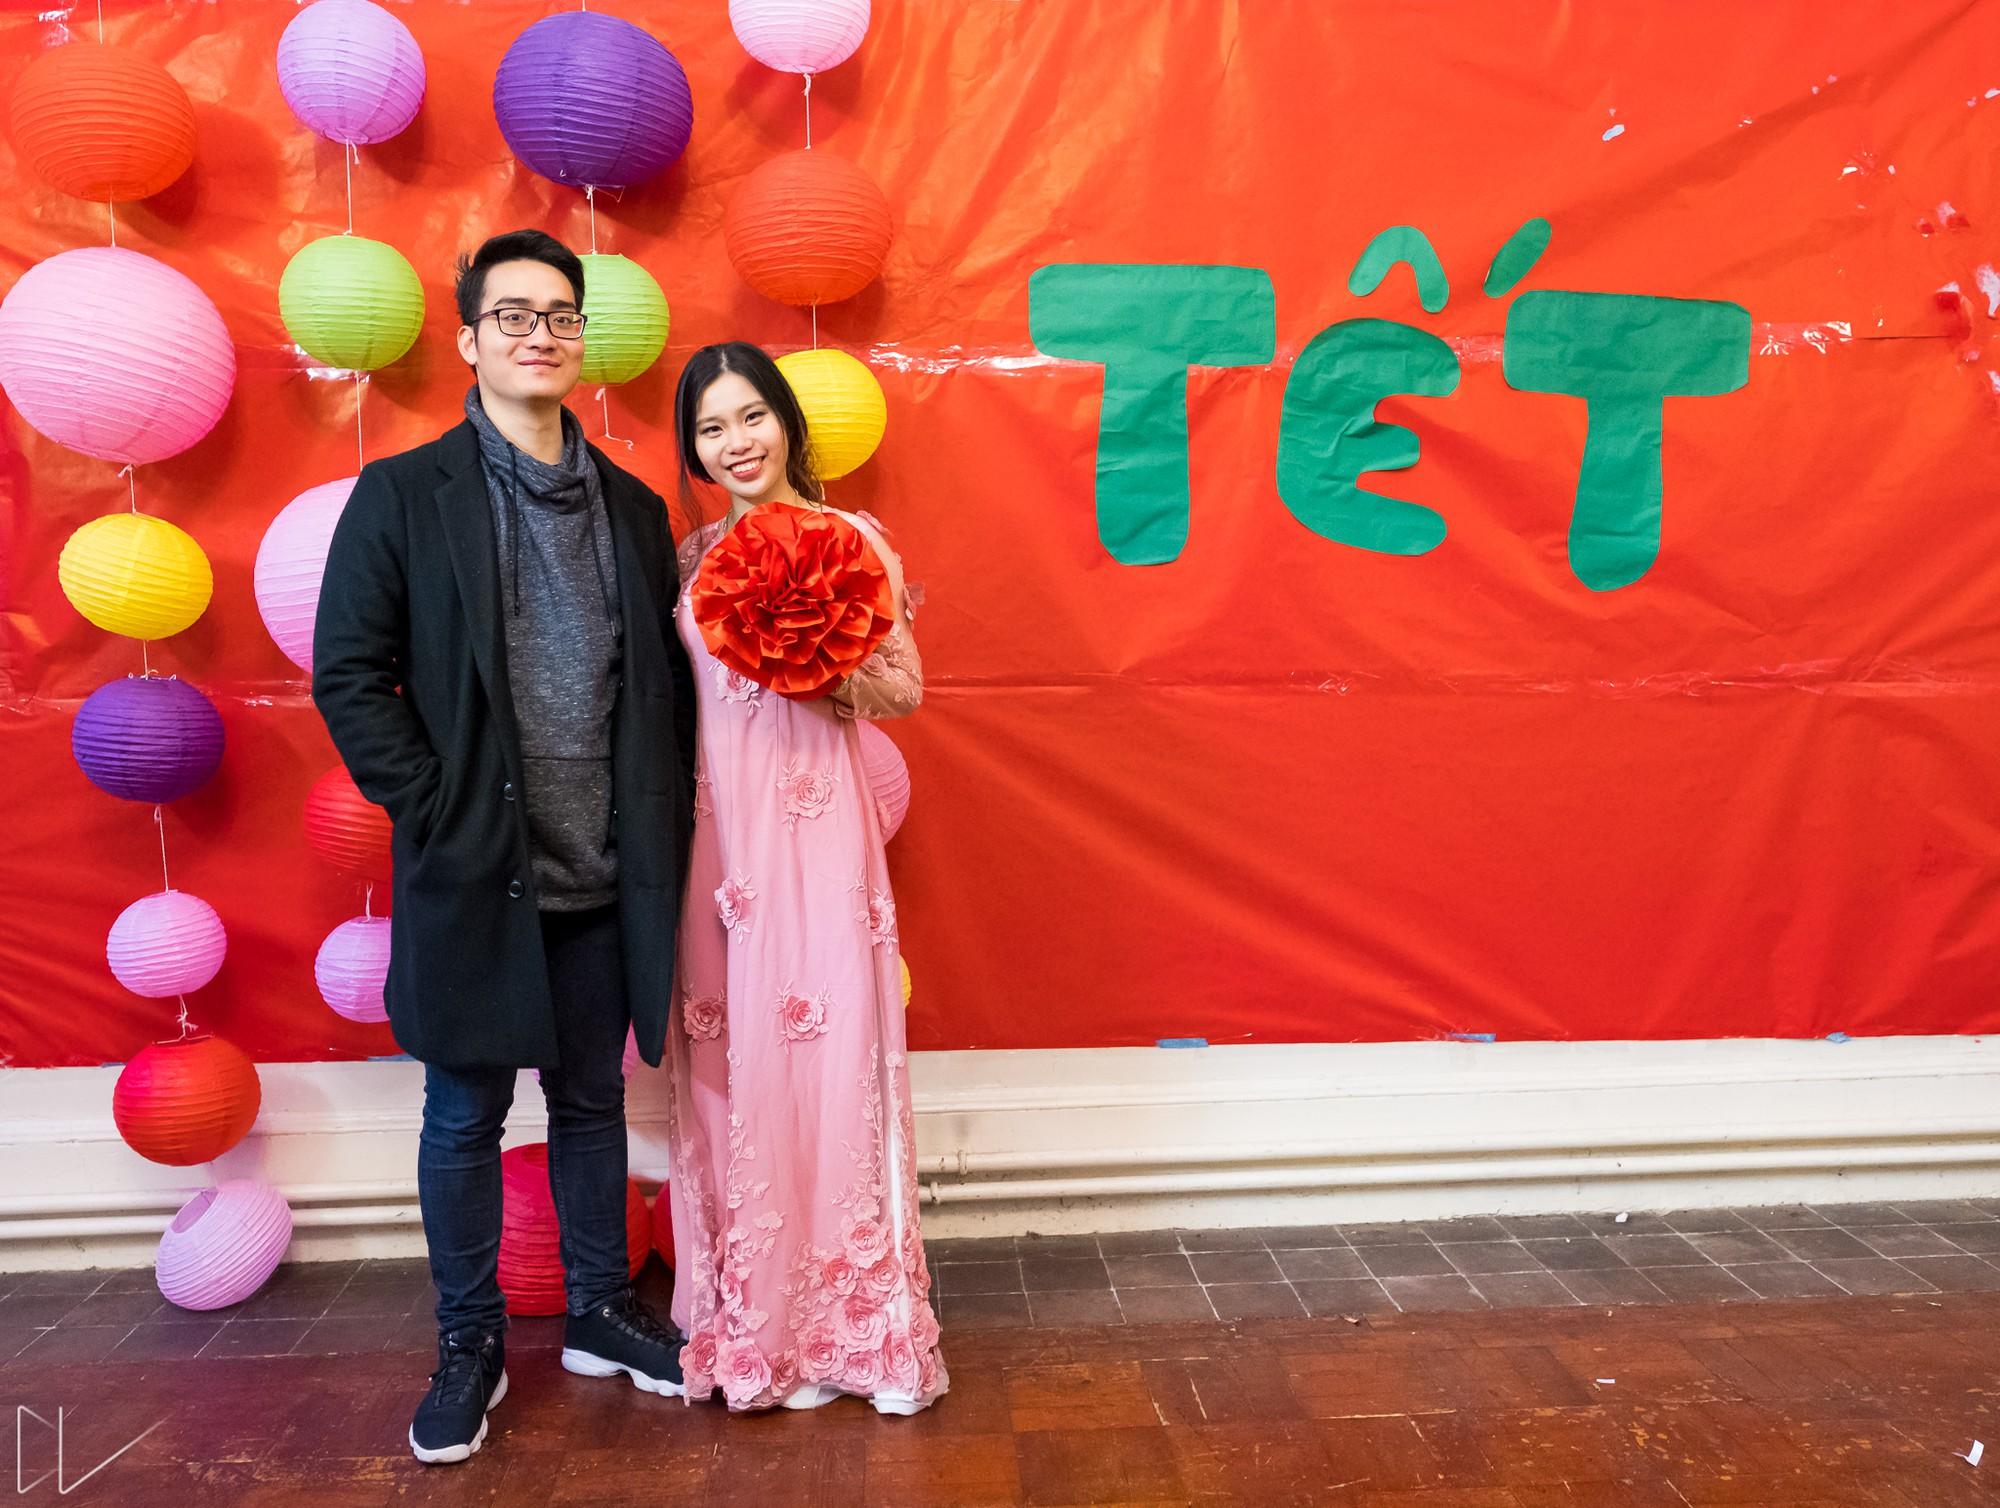 Trai xinh, gái đẹp nô nức tham gia chương trình Tết của du học sinh Việt tại Anh - Ảnh 8.